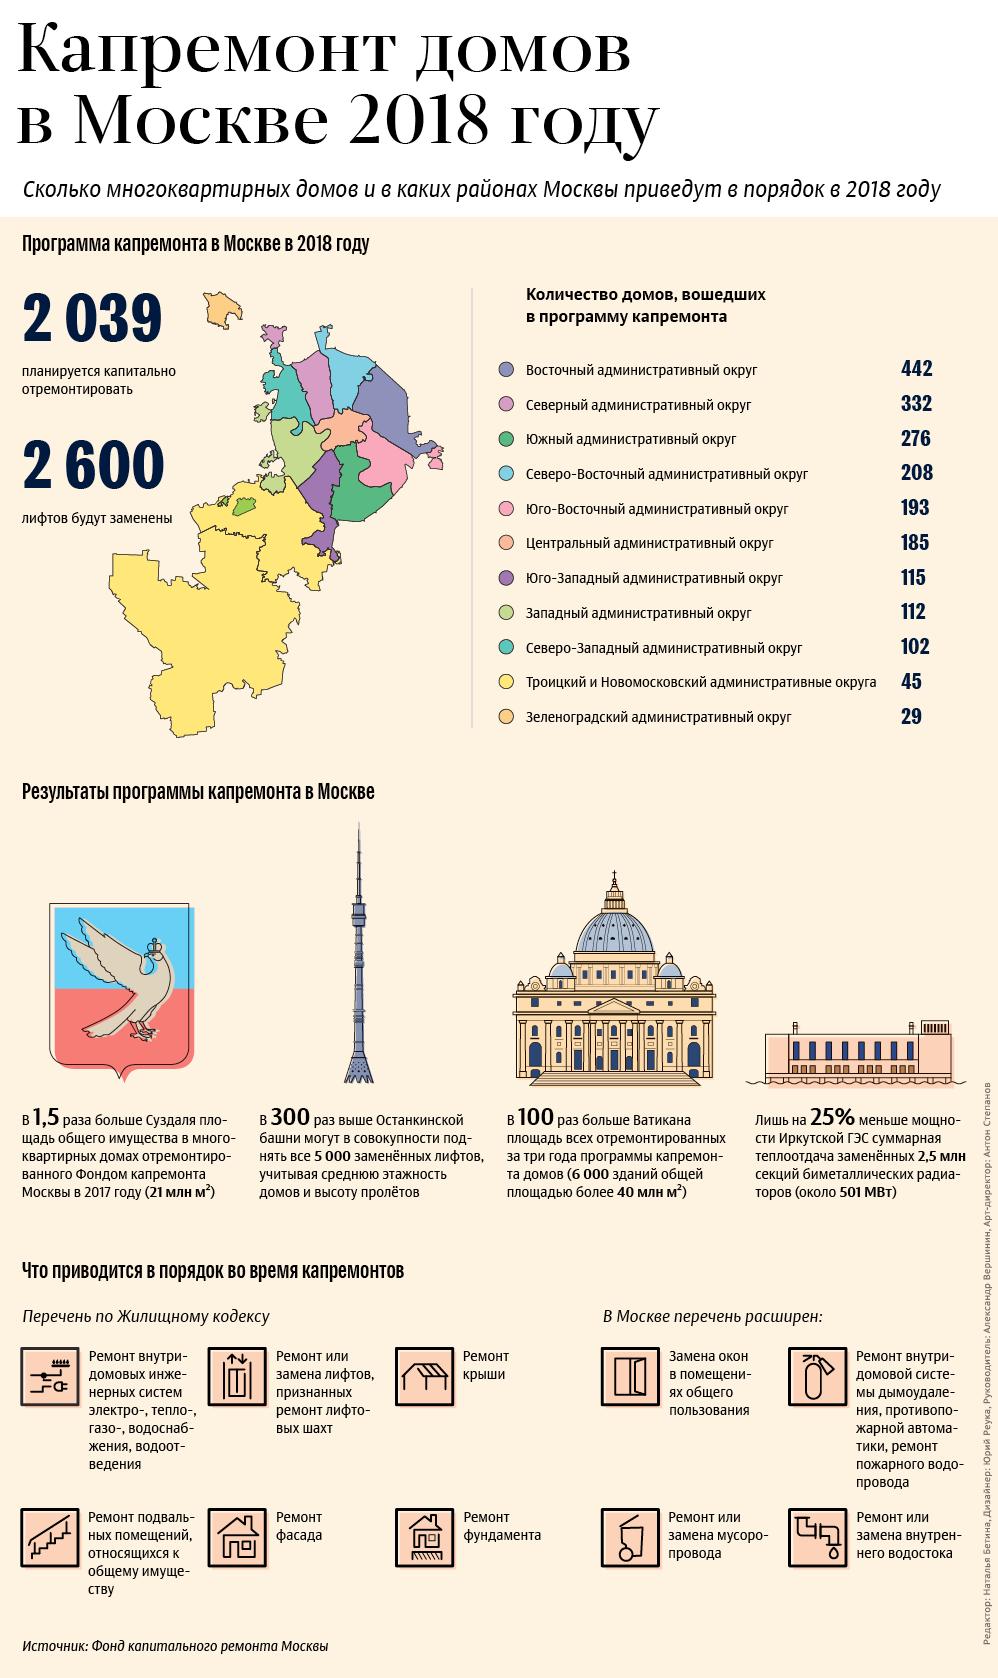 Капремонт домов в Москве в 2018 году